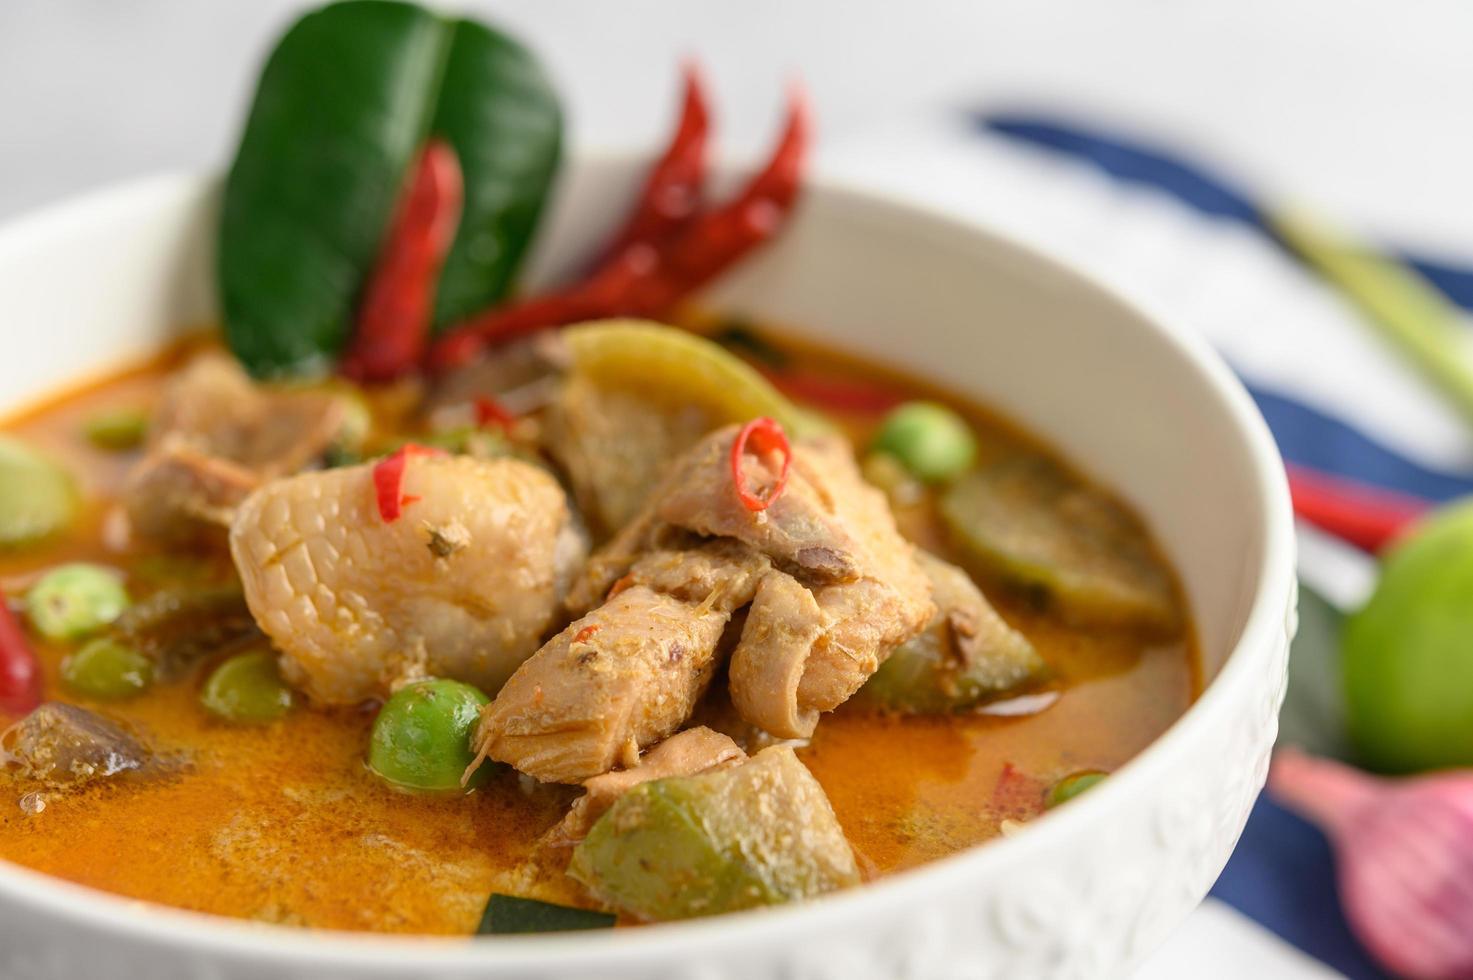 poulet épicé sauté aux aubergines thaïlandaises photo